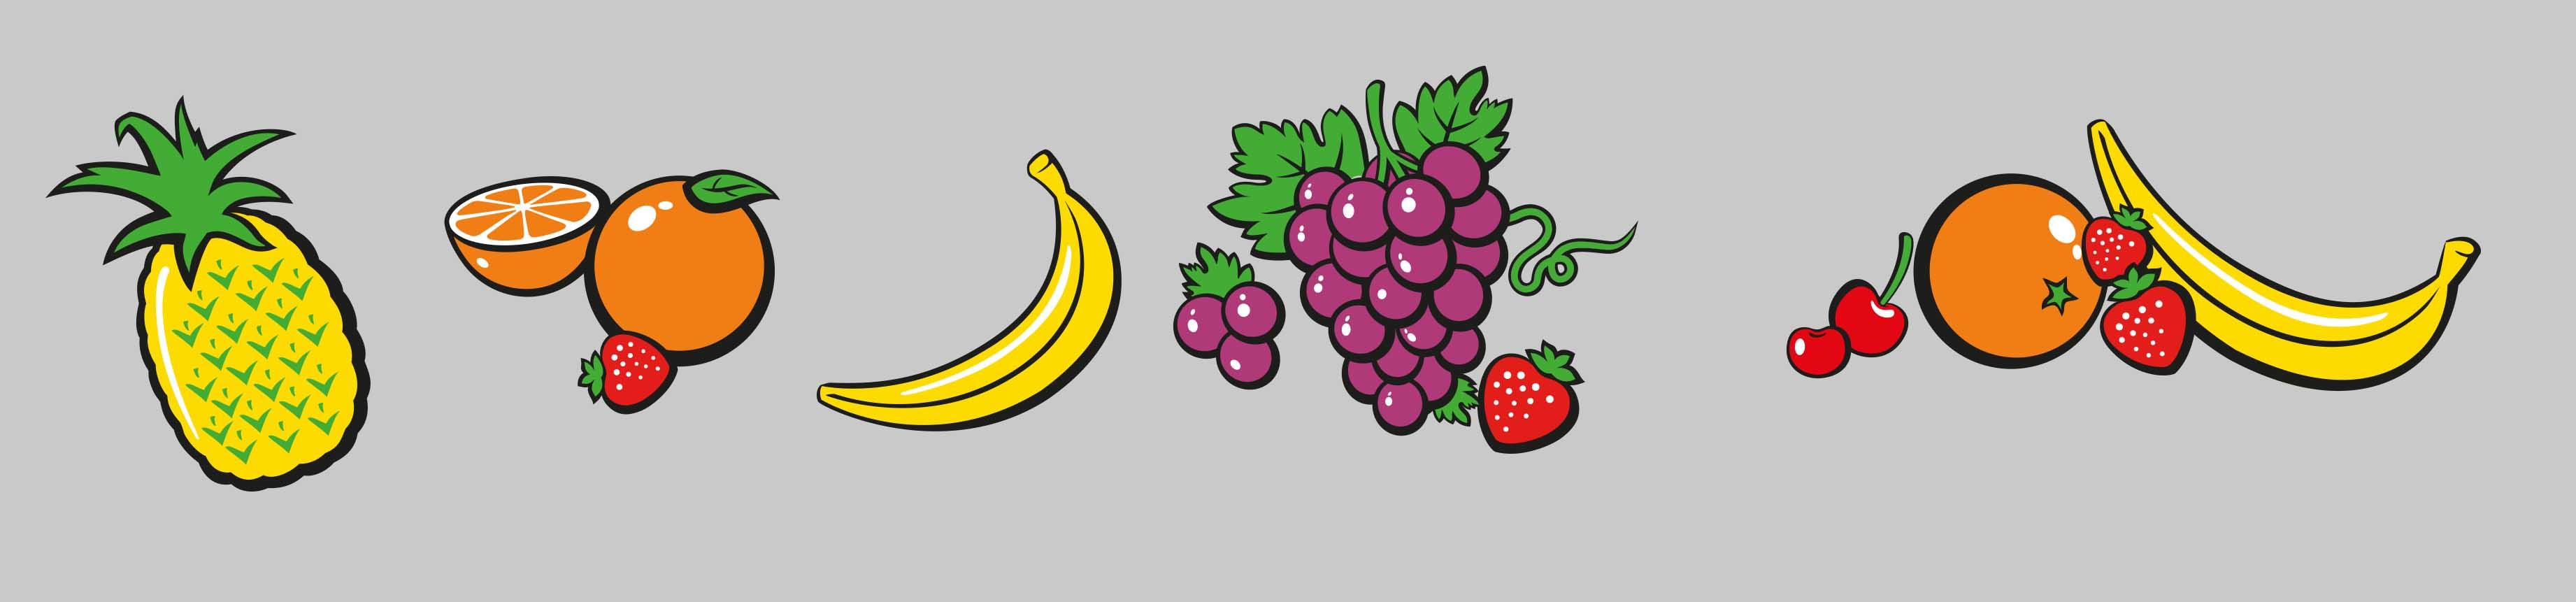 Fruitsa